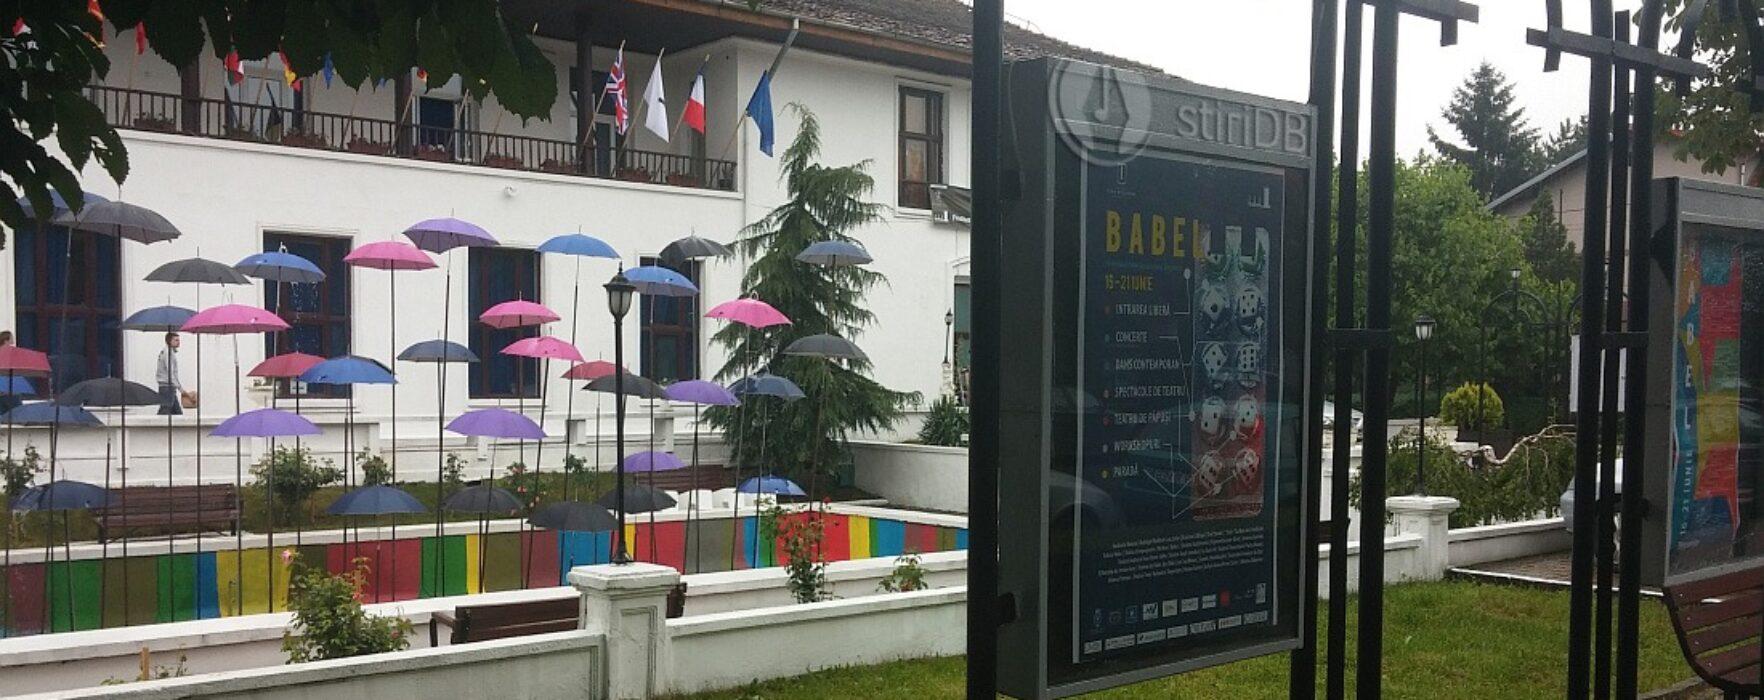 Spectacole Festival Babel – joi